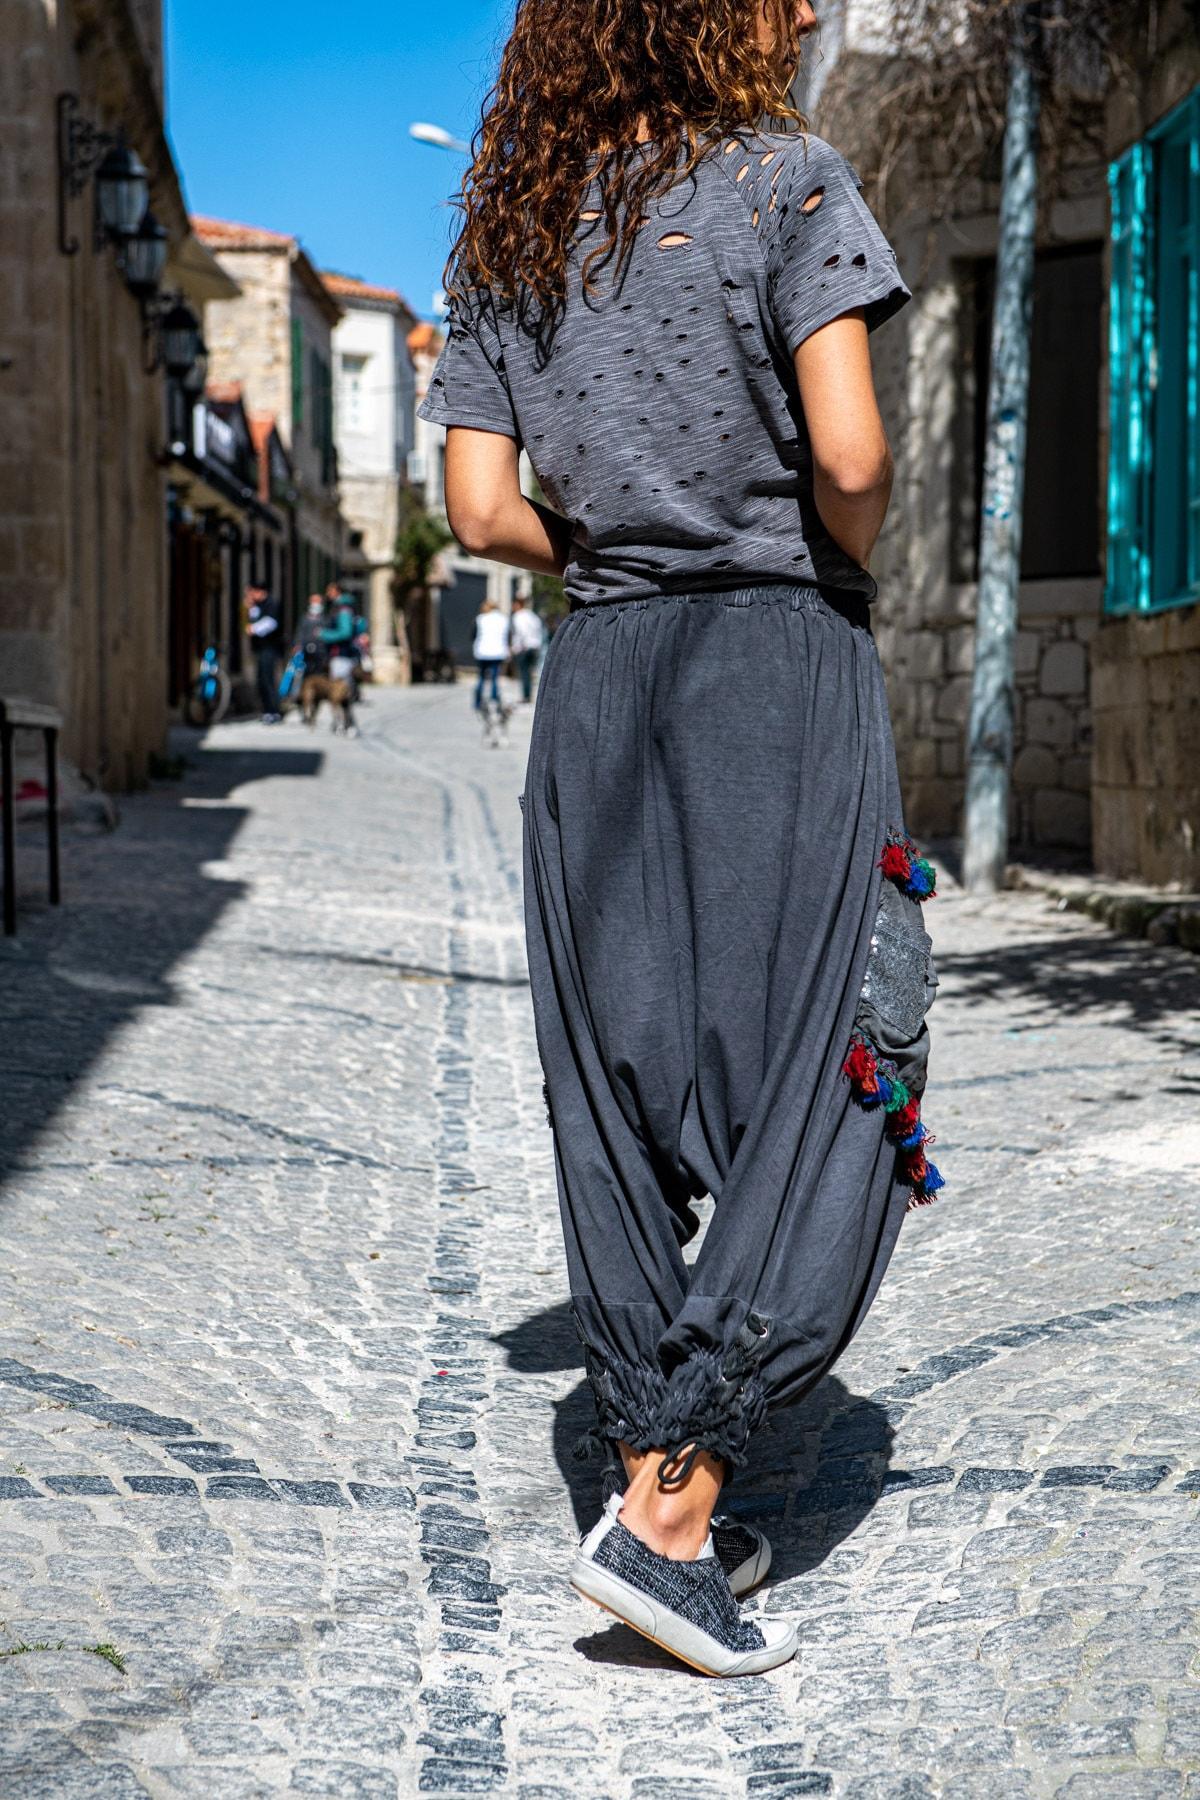 Güneşkızı Kadın Antrasit Yıkamalı Paçası Bağlamalı Püsküllü Salaş Şalvar Pantolon GK-RSD2032 3